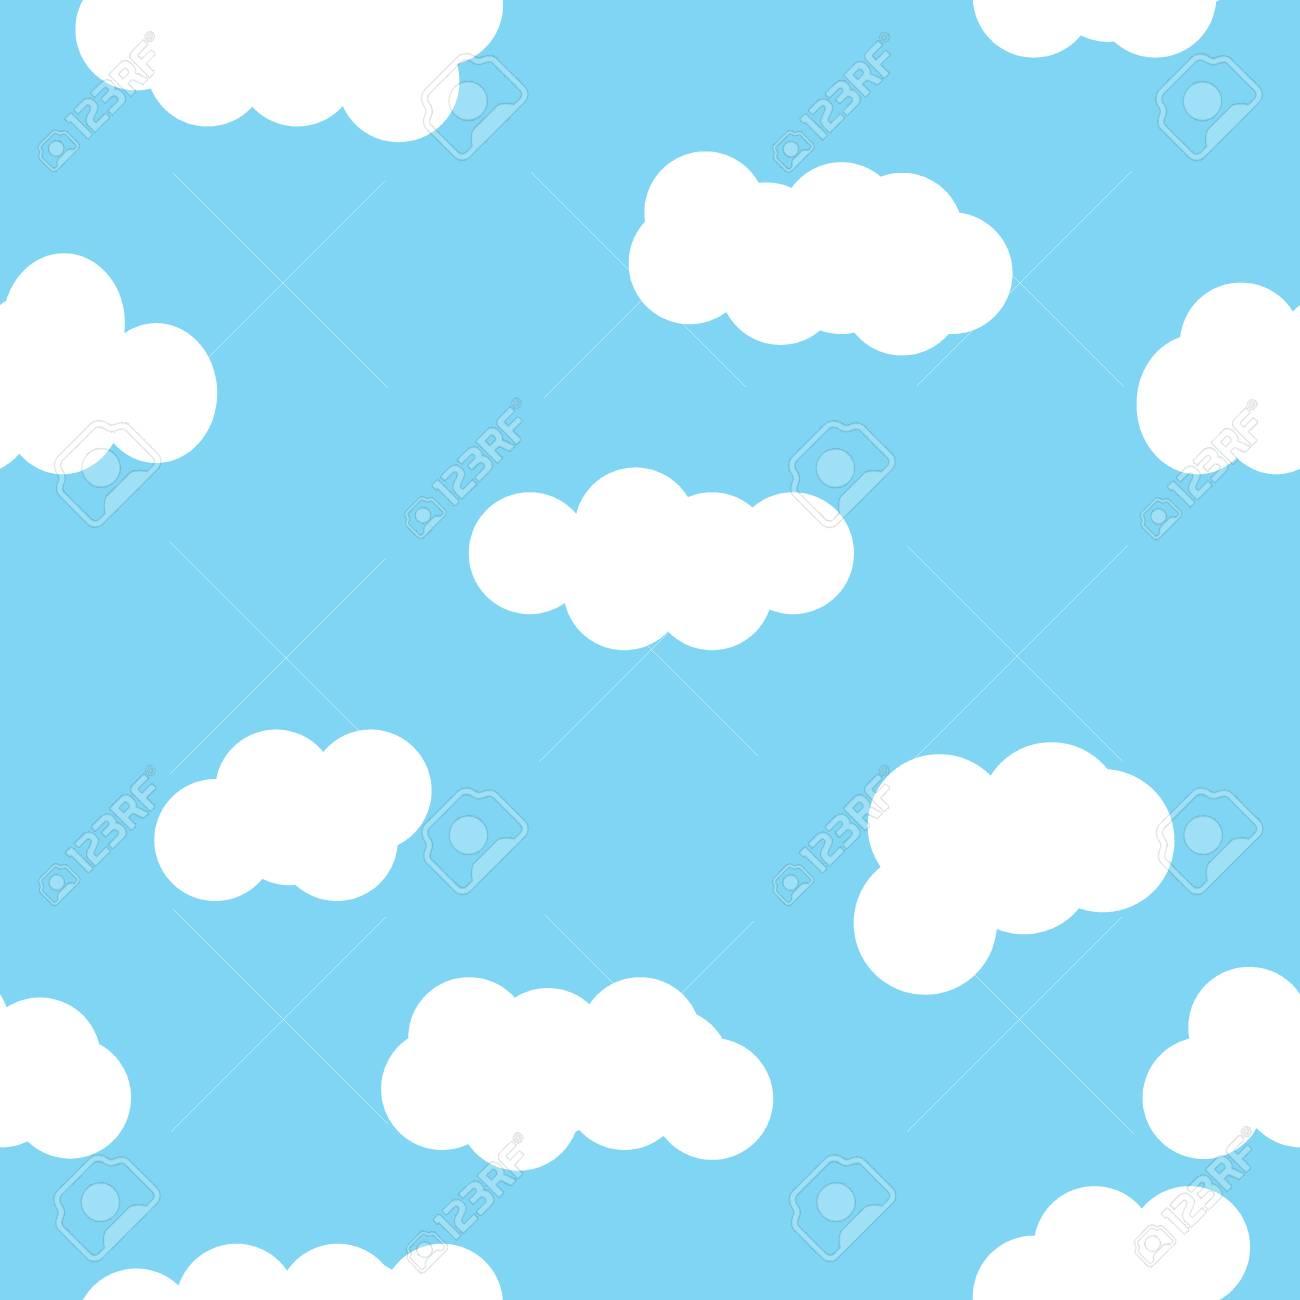 雲の壁紙模様ブルー シームレスな雲パターン 雲天気の抽象的な背景